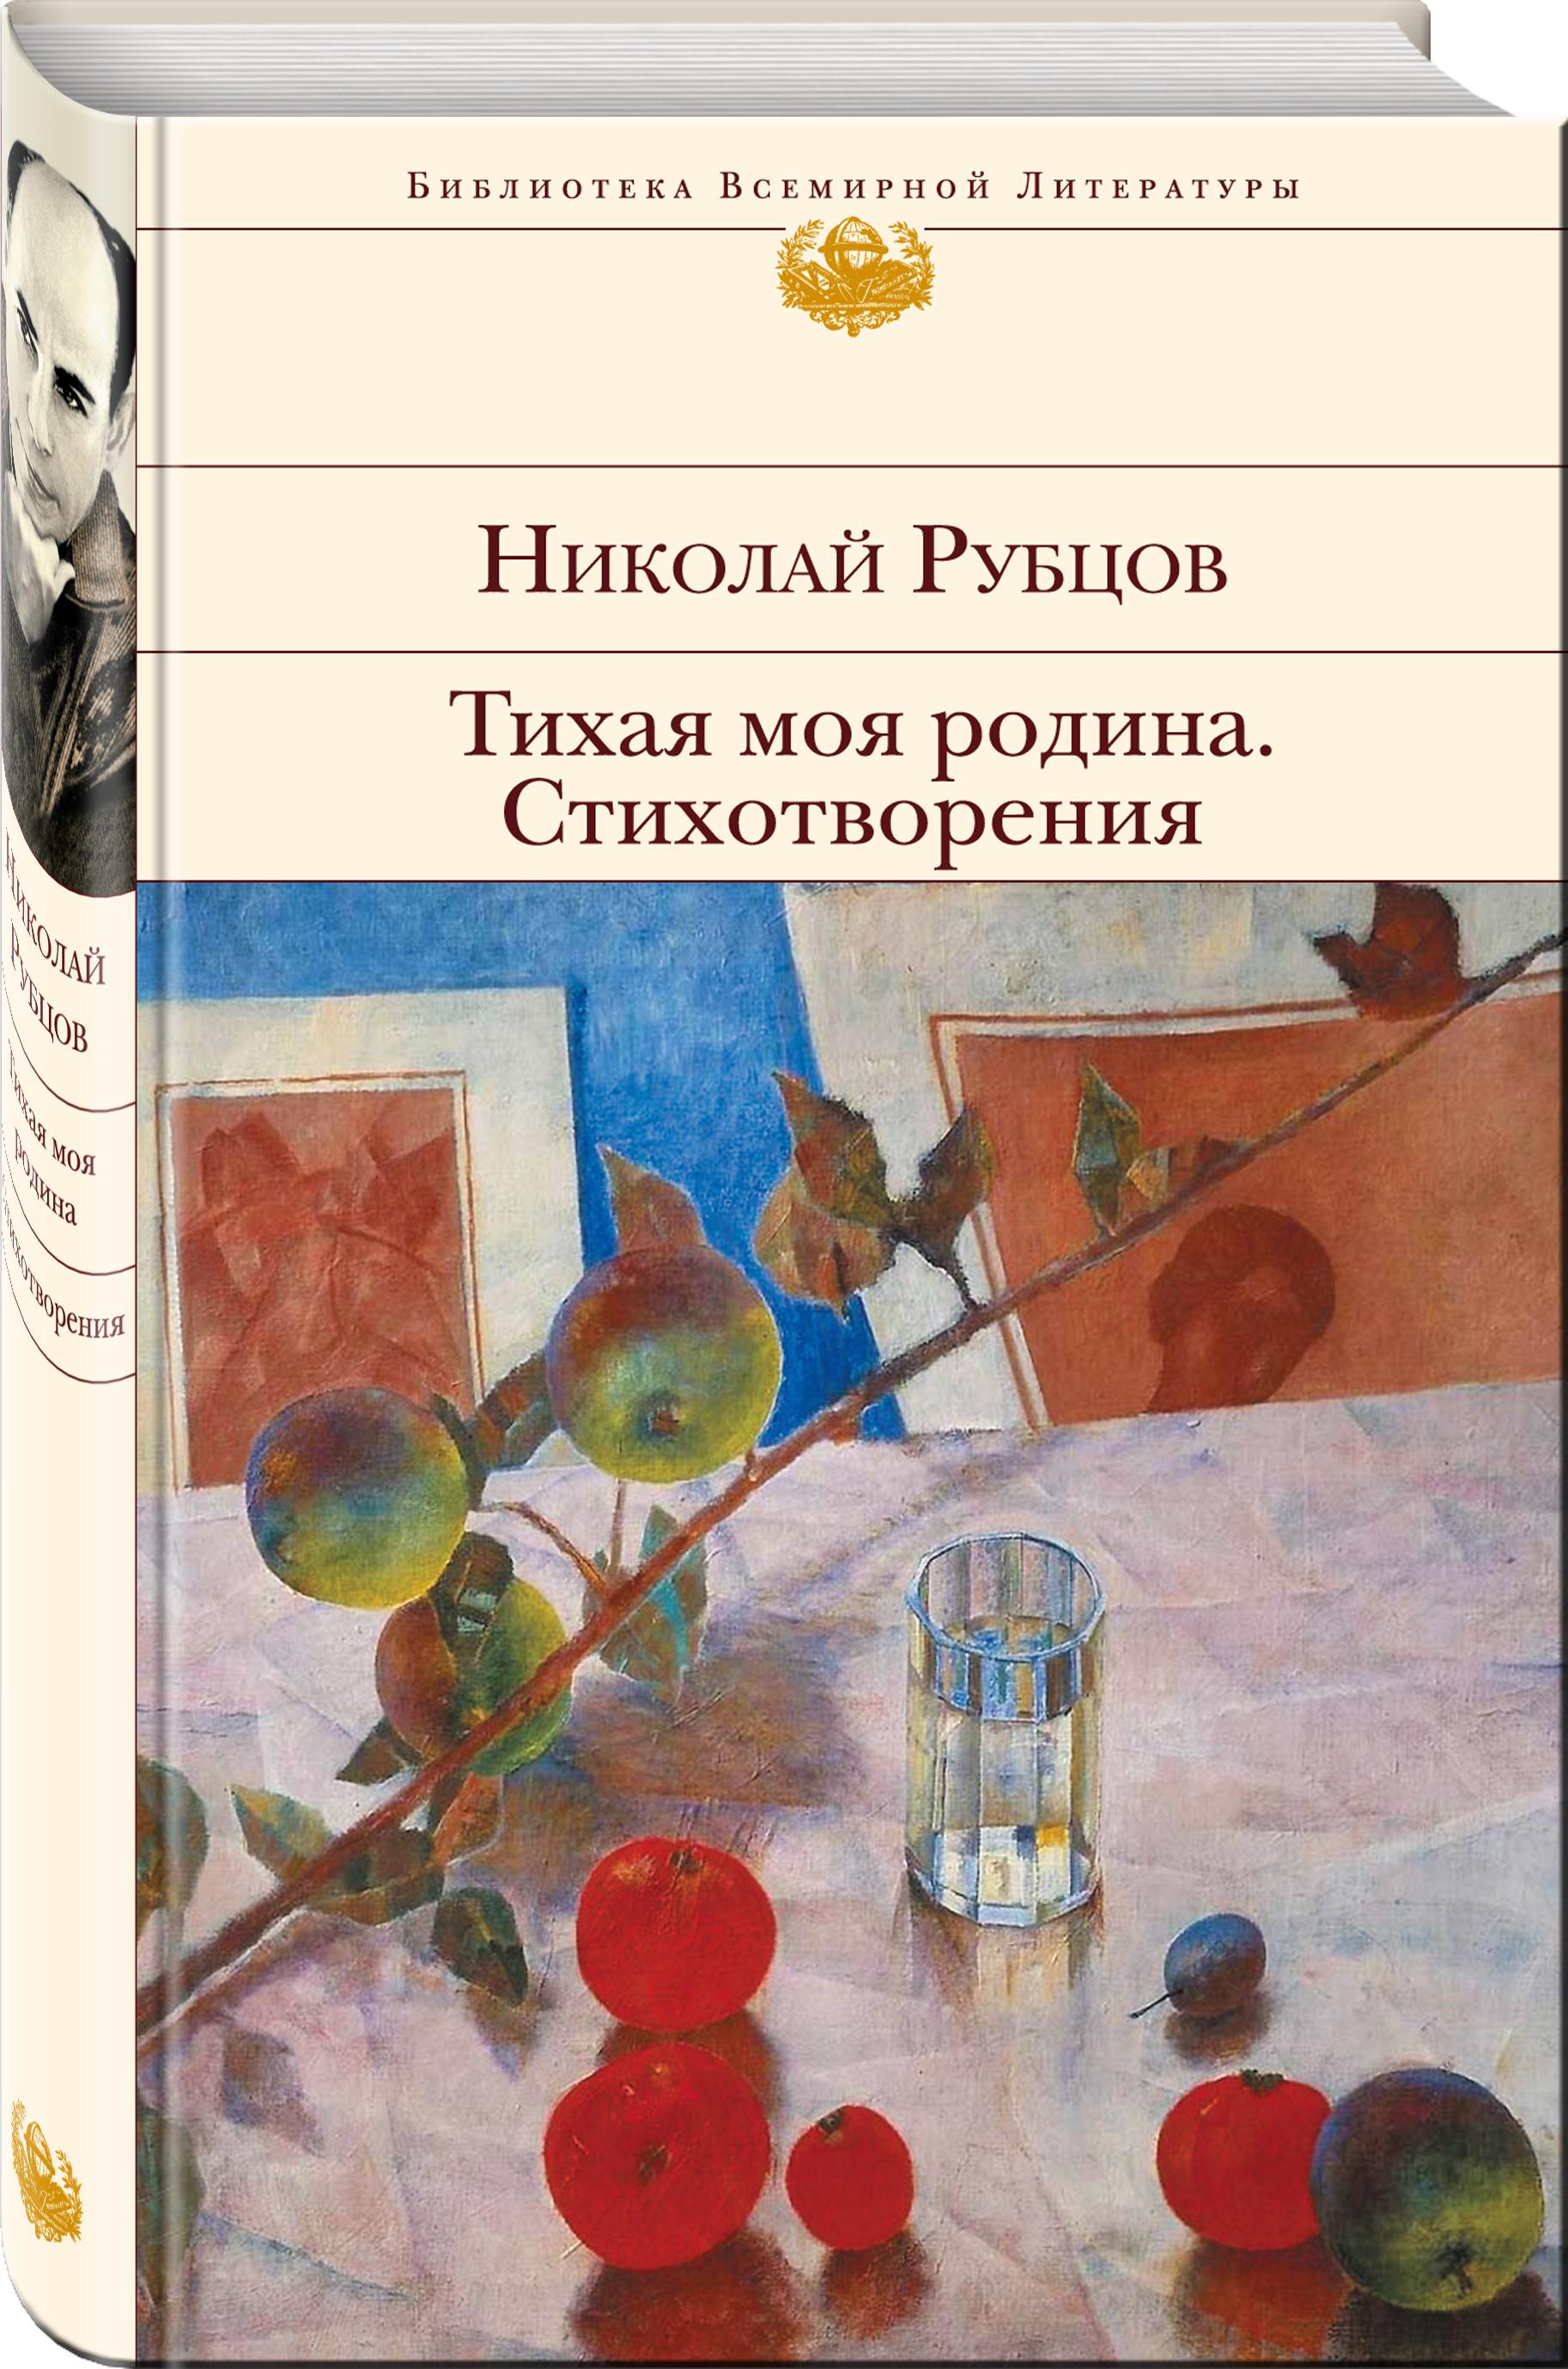 Тихая моя родина. Стихотворения от book24.ru